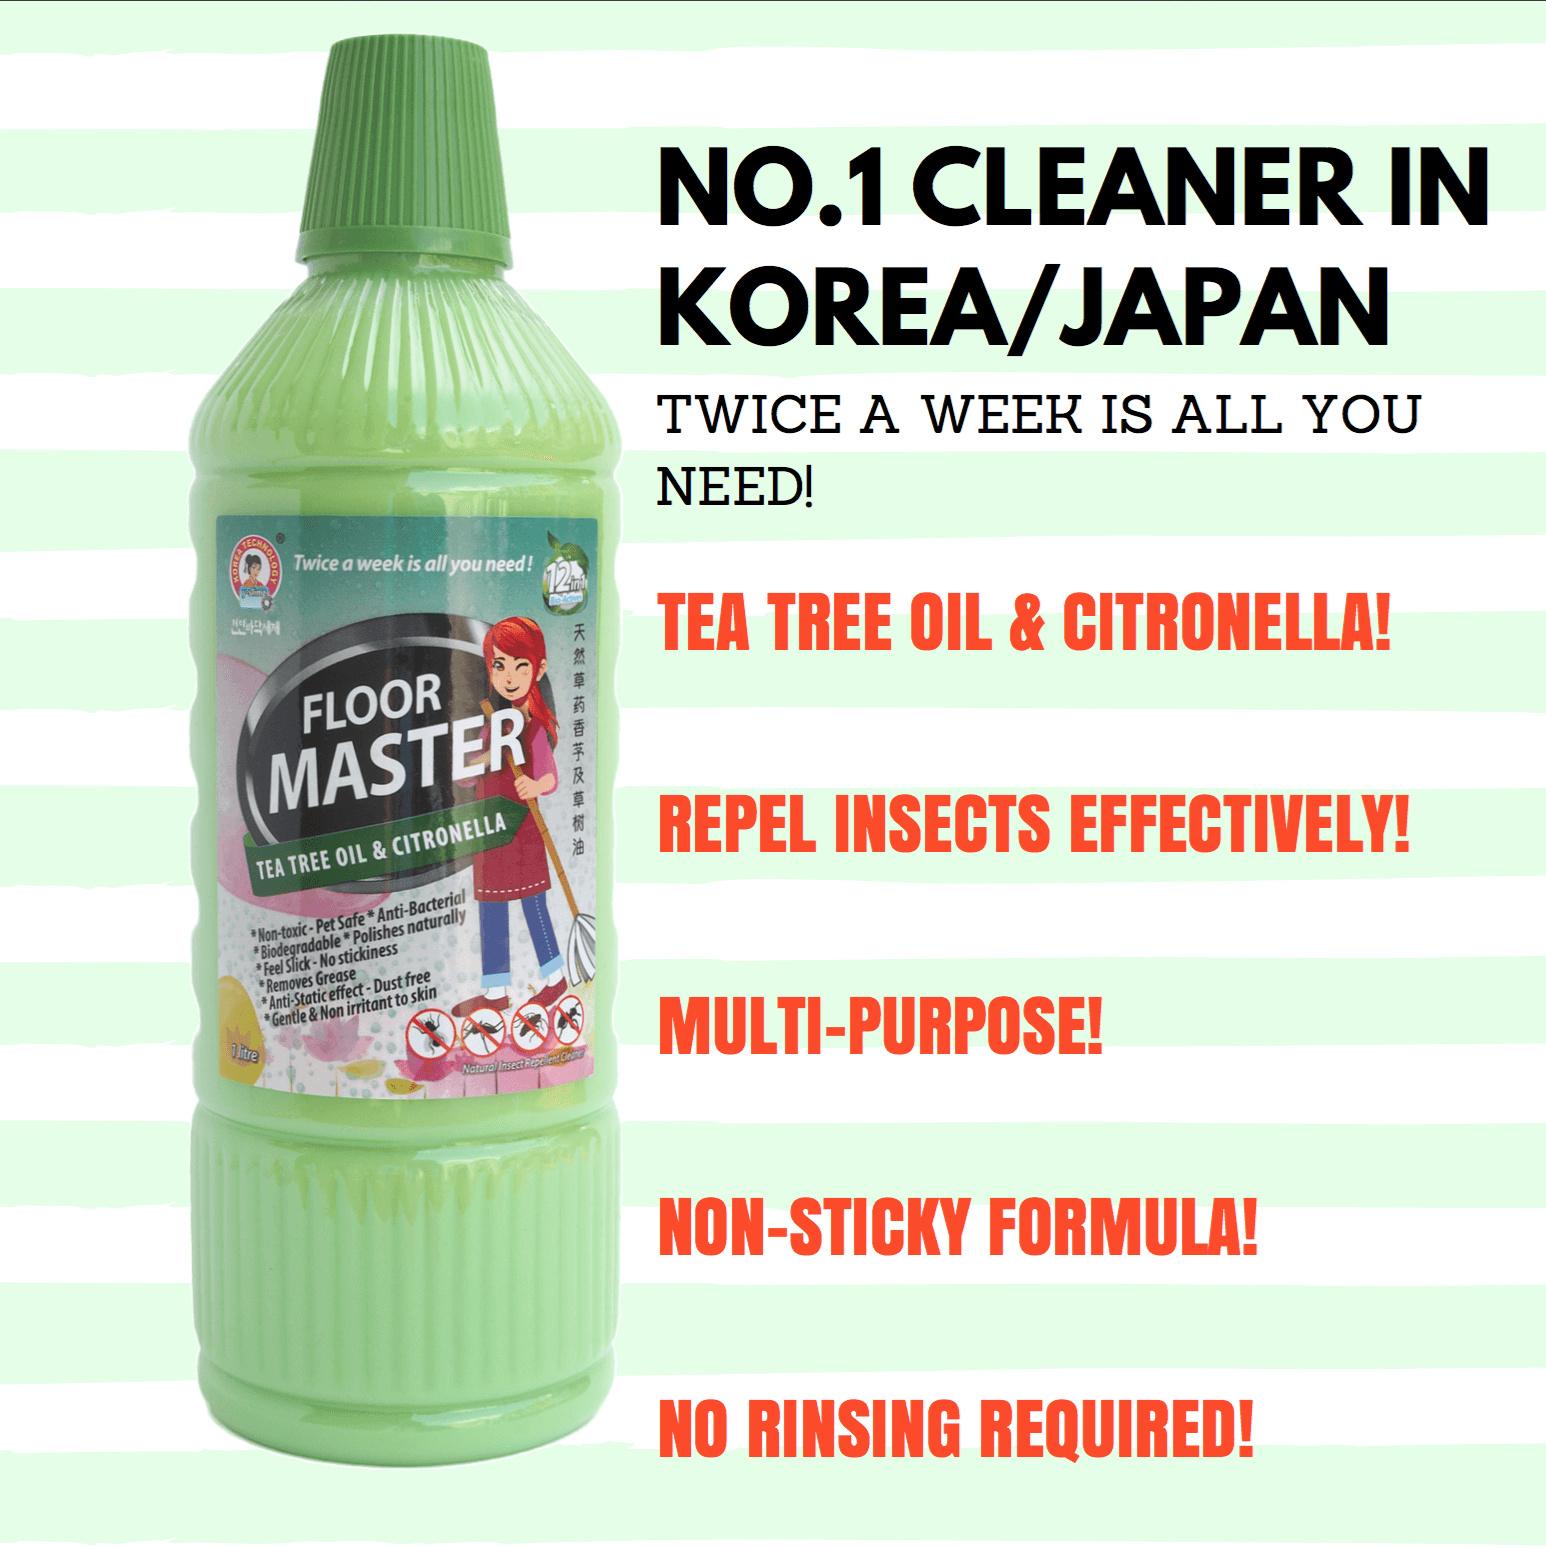 Qoo10 - FLOOR MASTER GREEN : Household